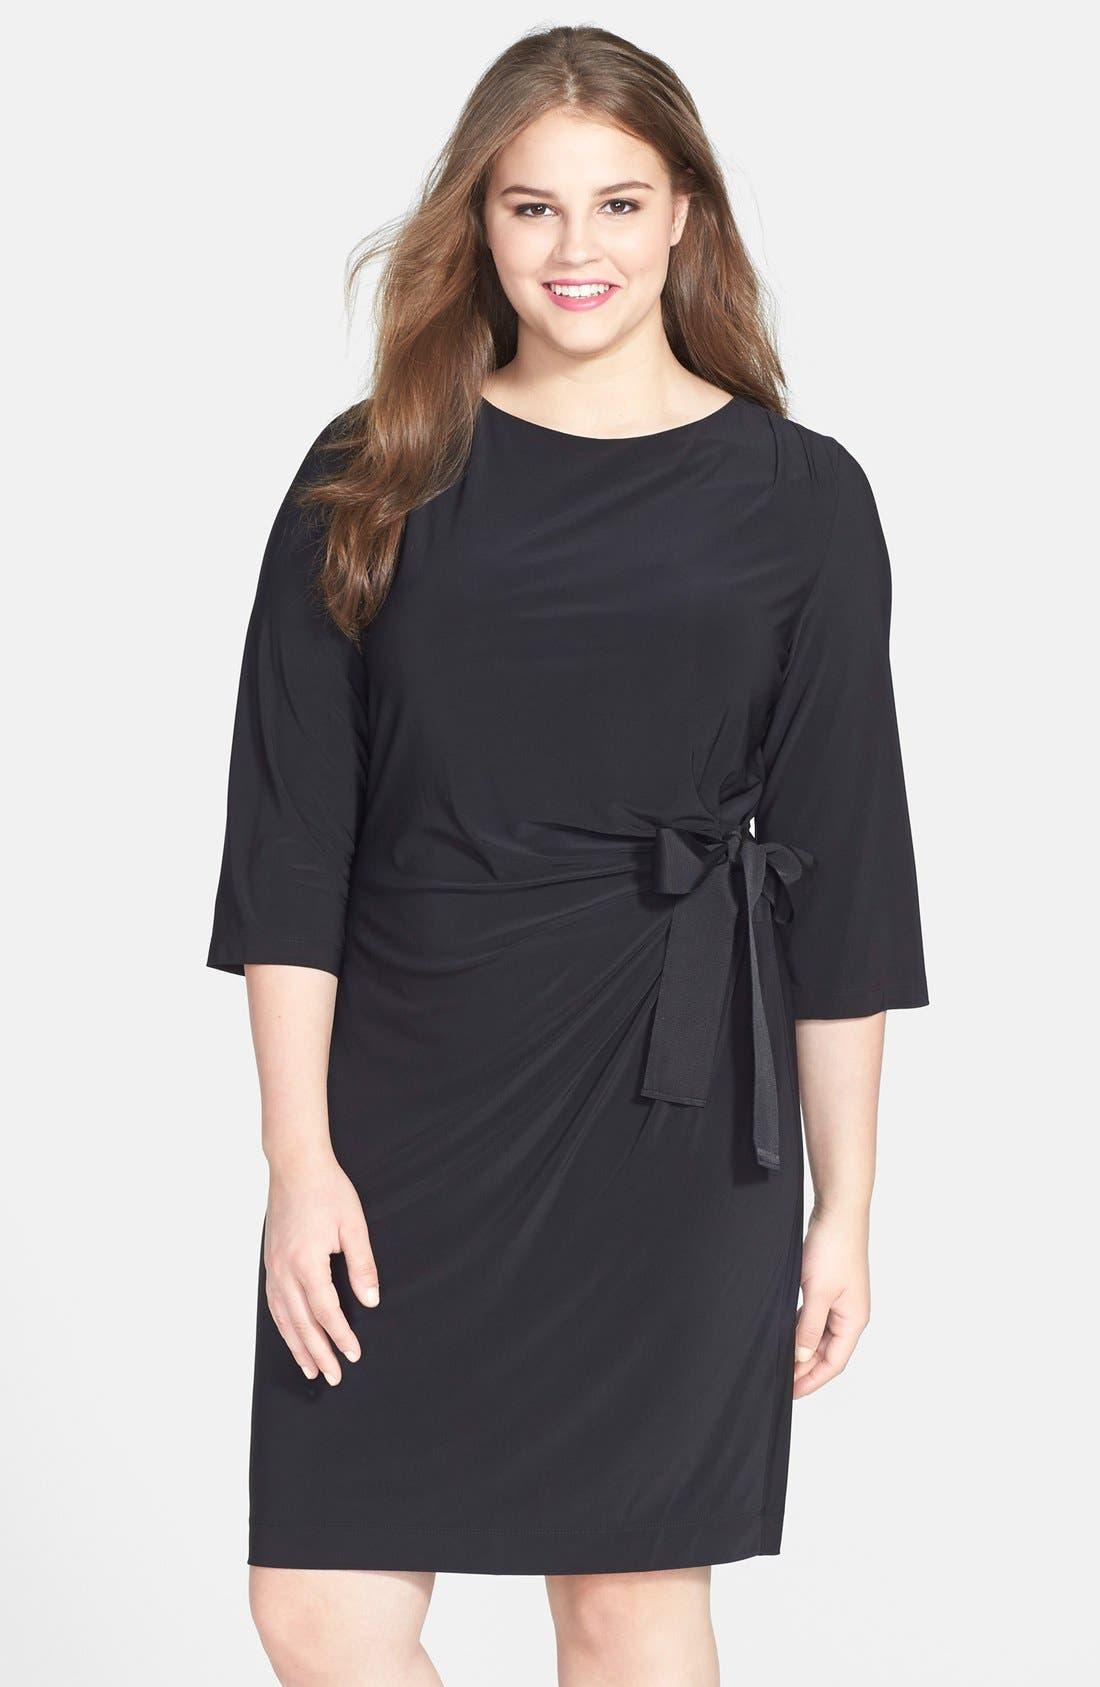 Alternate Image 1 Selected - Taylor Dresses Faux Wrap Dress (Plus Size)